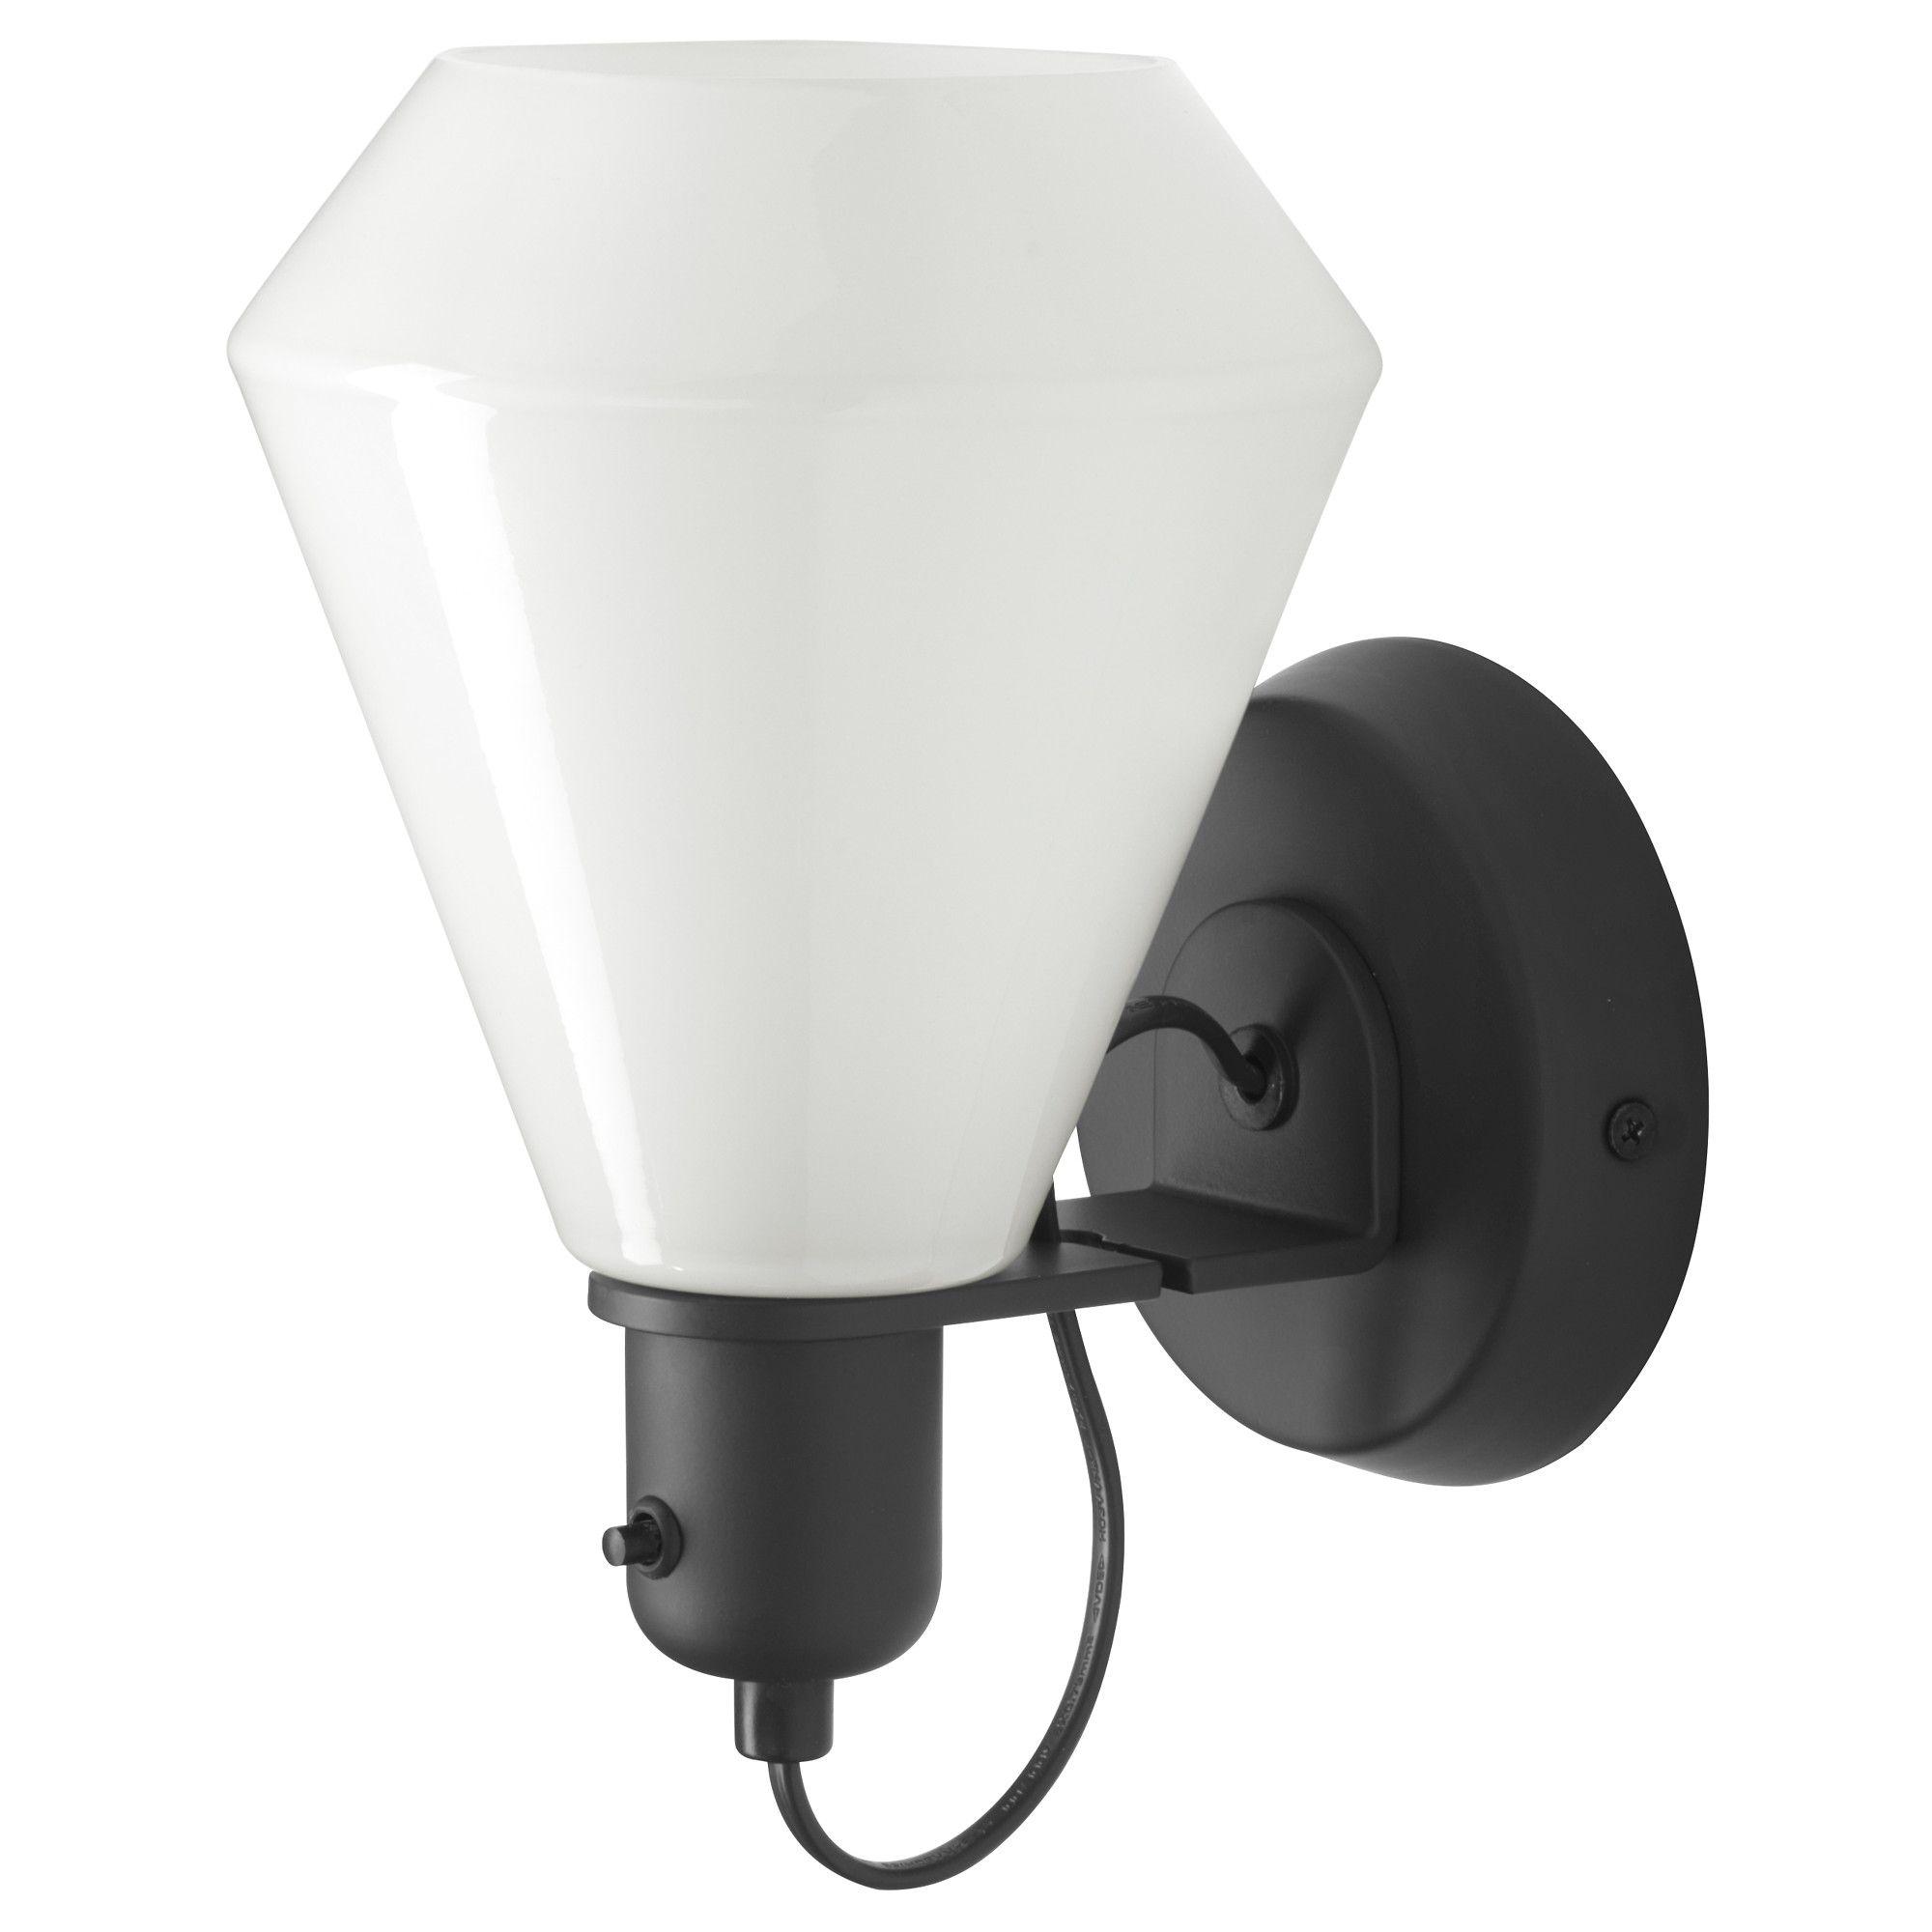 IKEA - ÄLVÄNGEN, Wall lamp, hardwire installation, , Can be mounted ...